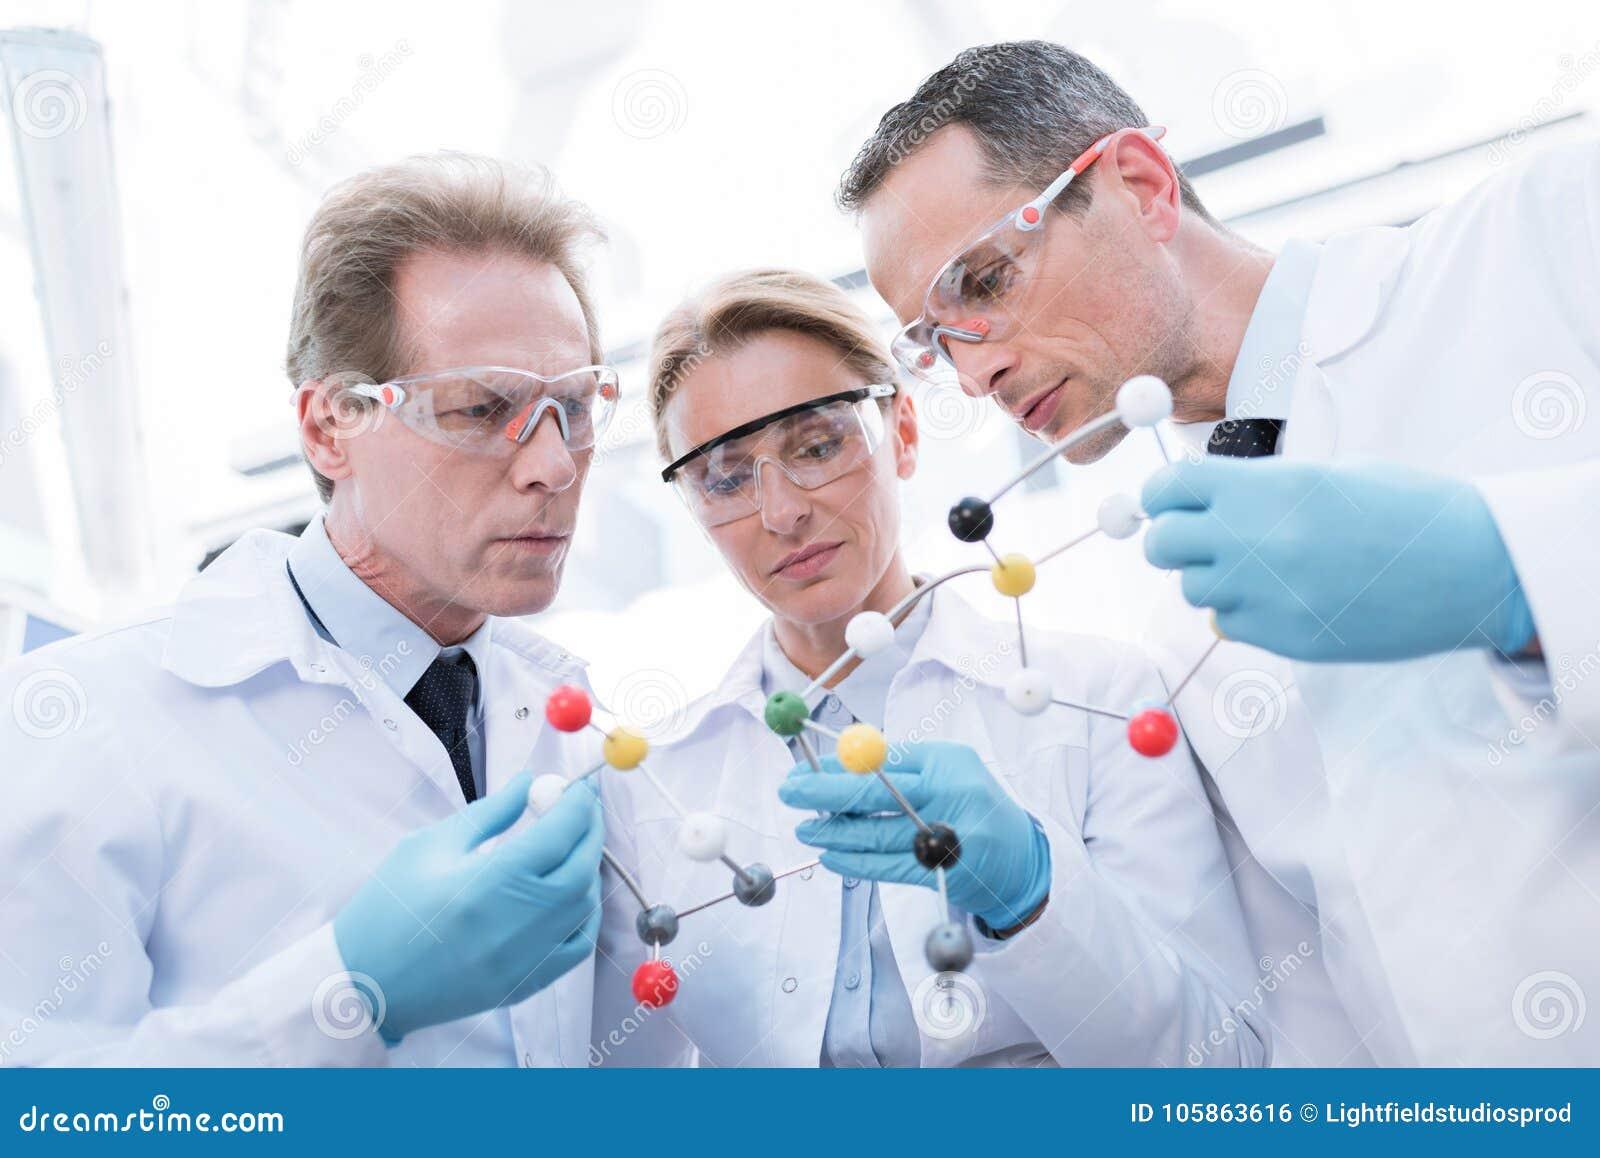 Доктора рассматривая молекулярную модель